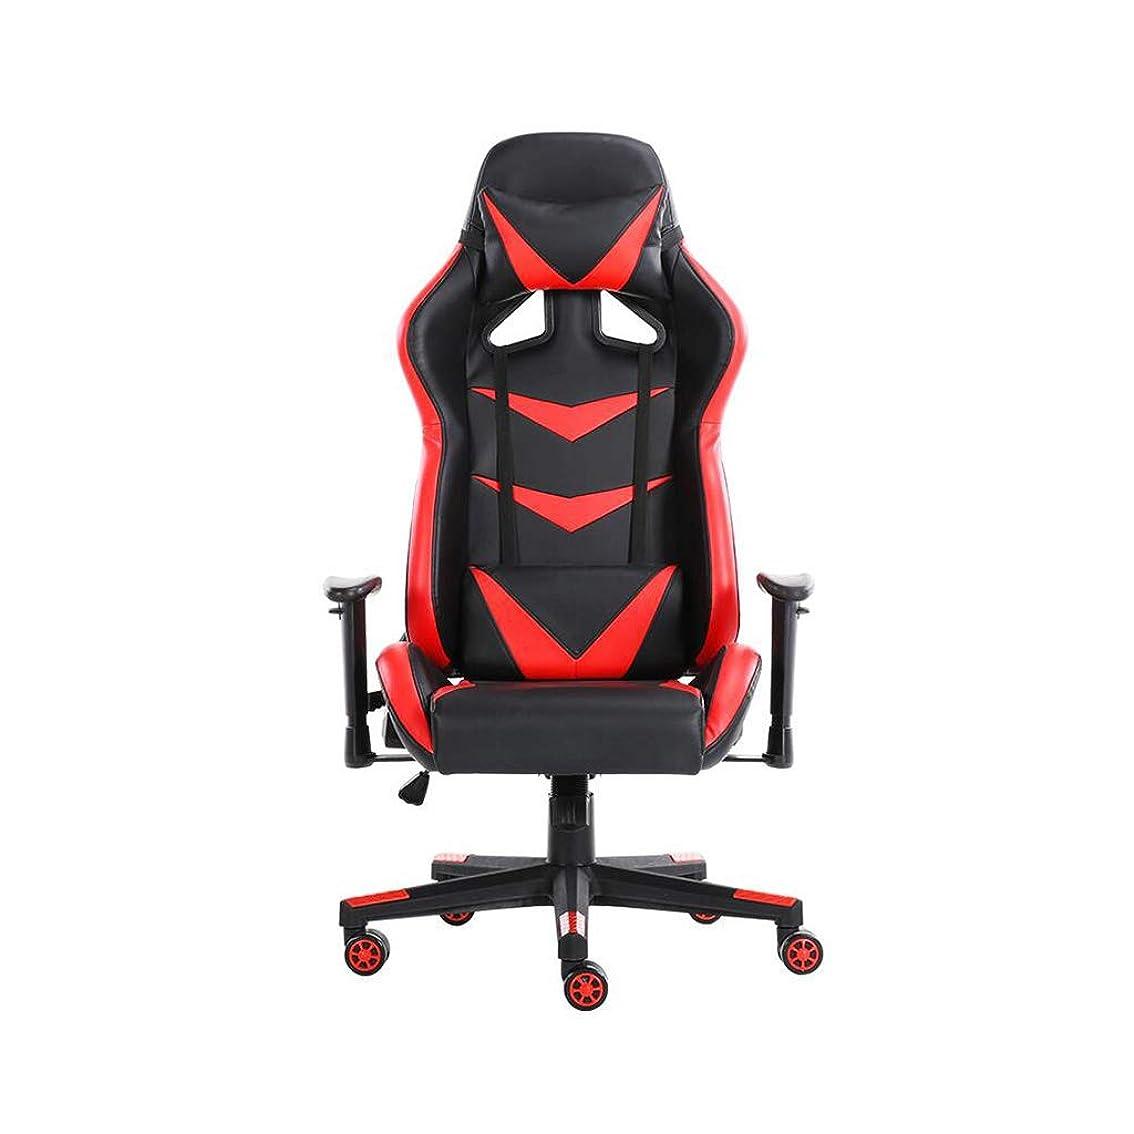 最近彼自身ページWYYY 椅子 電子スポーツゲームチェアレーシングシートホームチェア人間工学に基づいたチェアリフティング回転チェアブラックレッド 強い耐久性